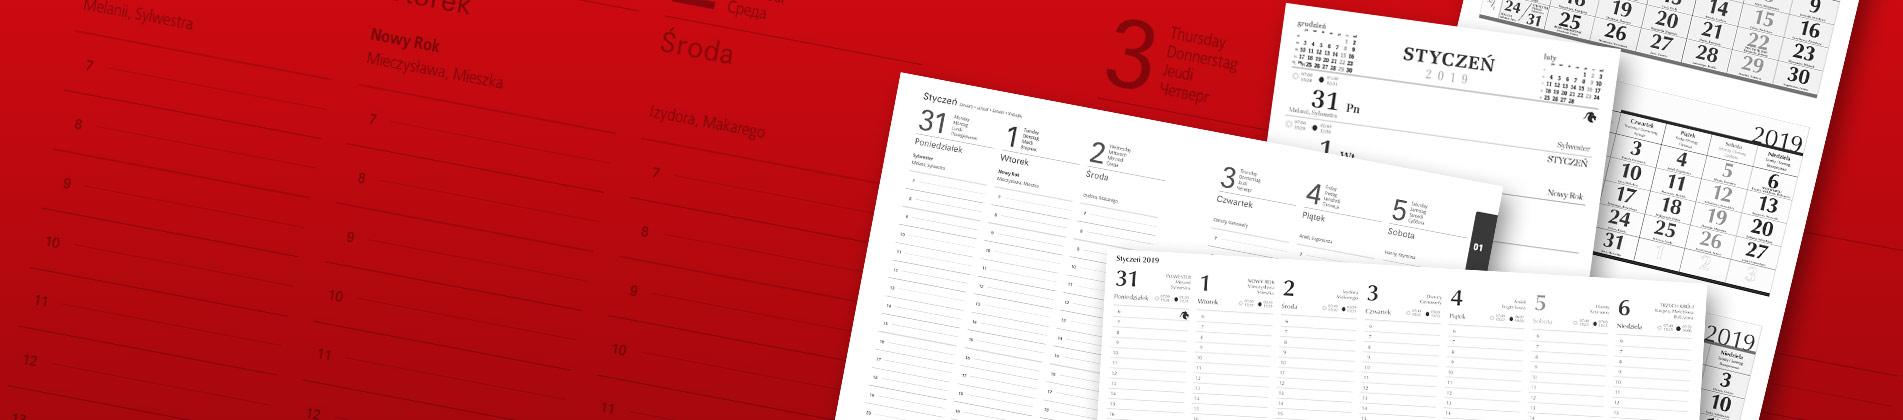 Projektowanie kalendarzy i notesów na zamówienie